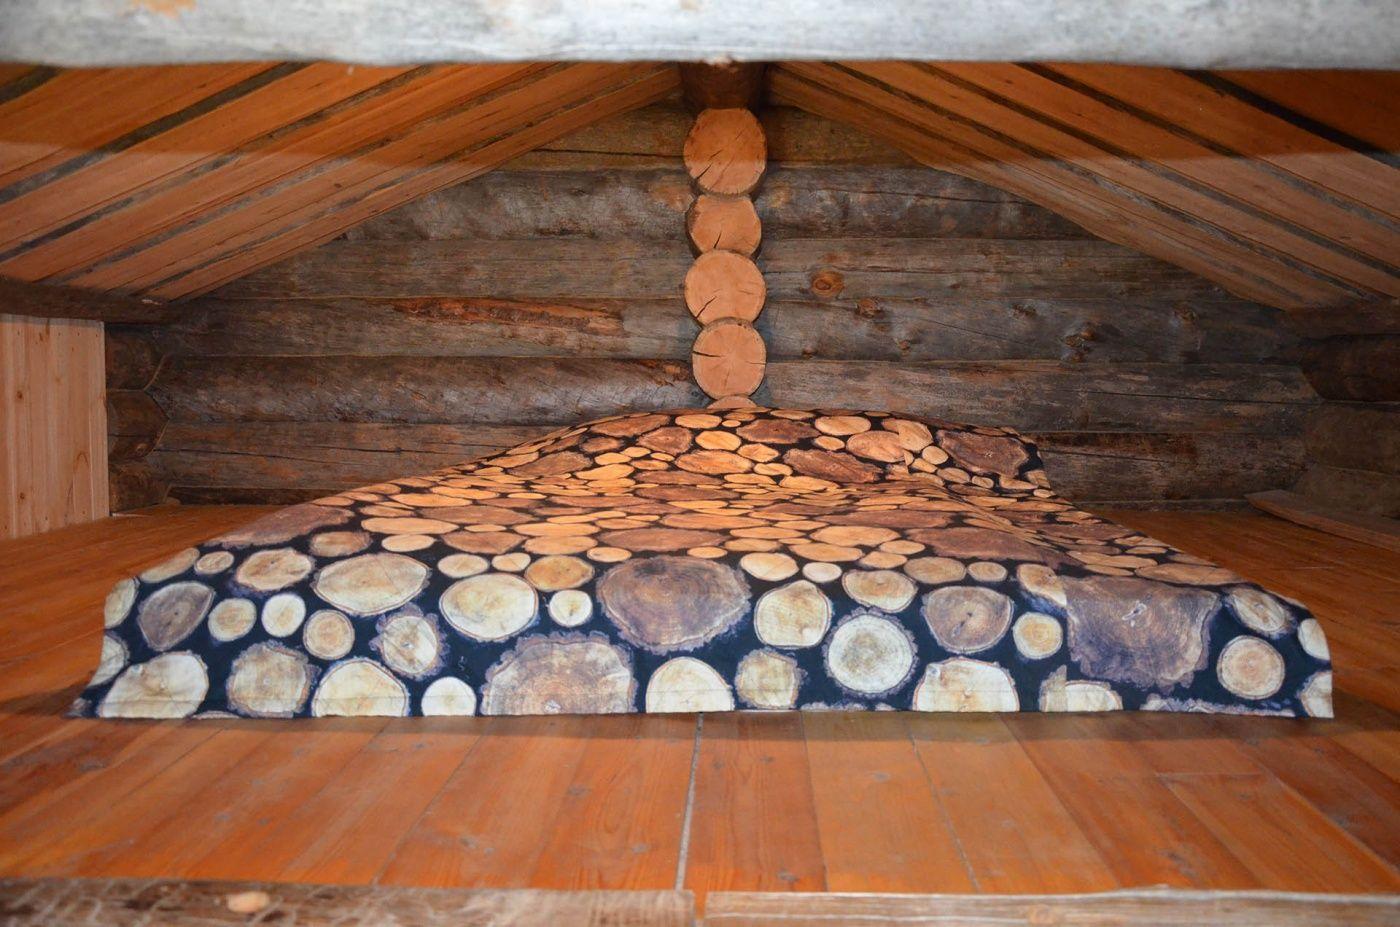 Комплекс гостевых домов «Karelia Village» Республика Карелия Коттедж «Ангенлахти-1», «Ангенлахти-2», «Ангенлахти-3», фото 7